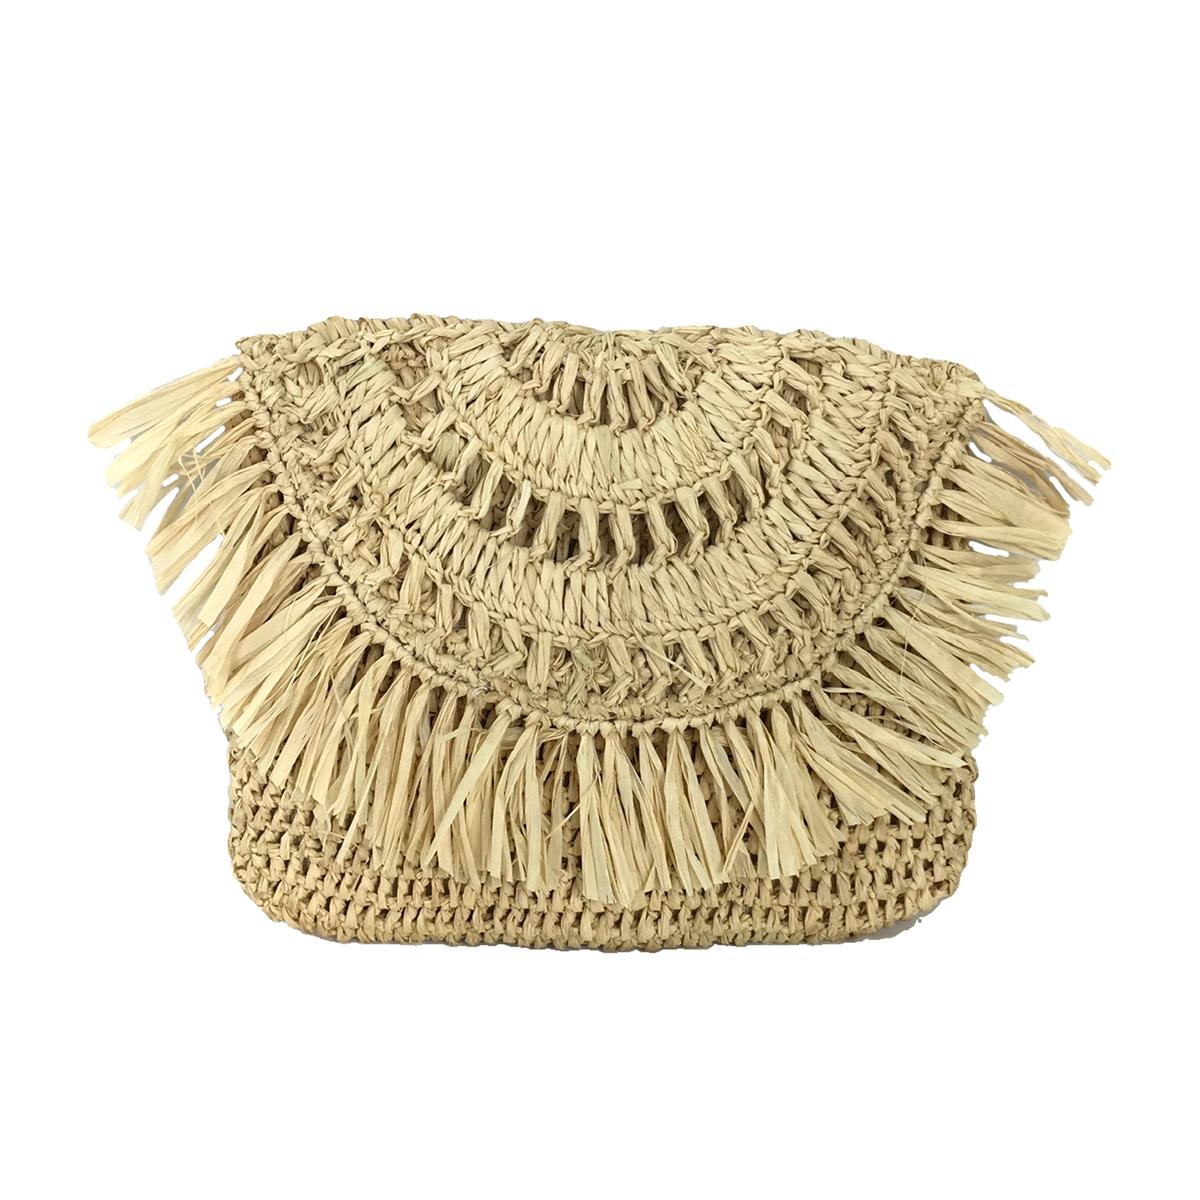 7844821f3 Mar Y Sol Mia Crochet Raffia Fringe Clutch, Natural